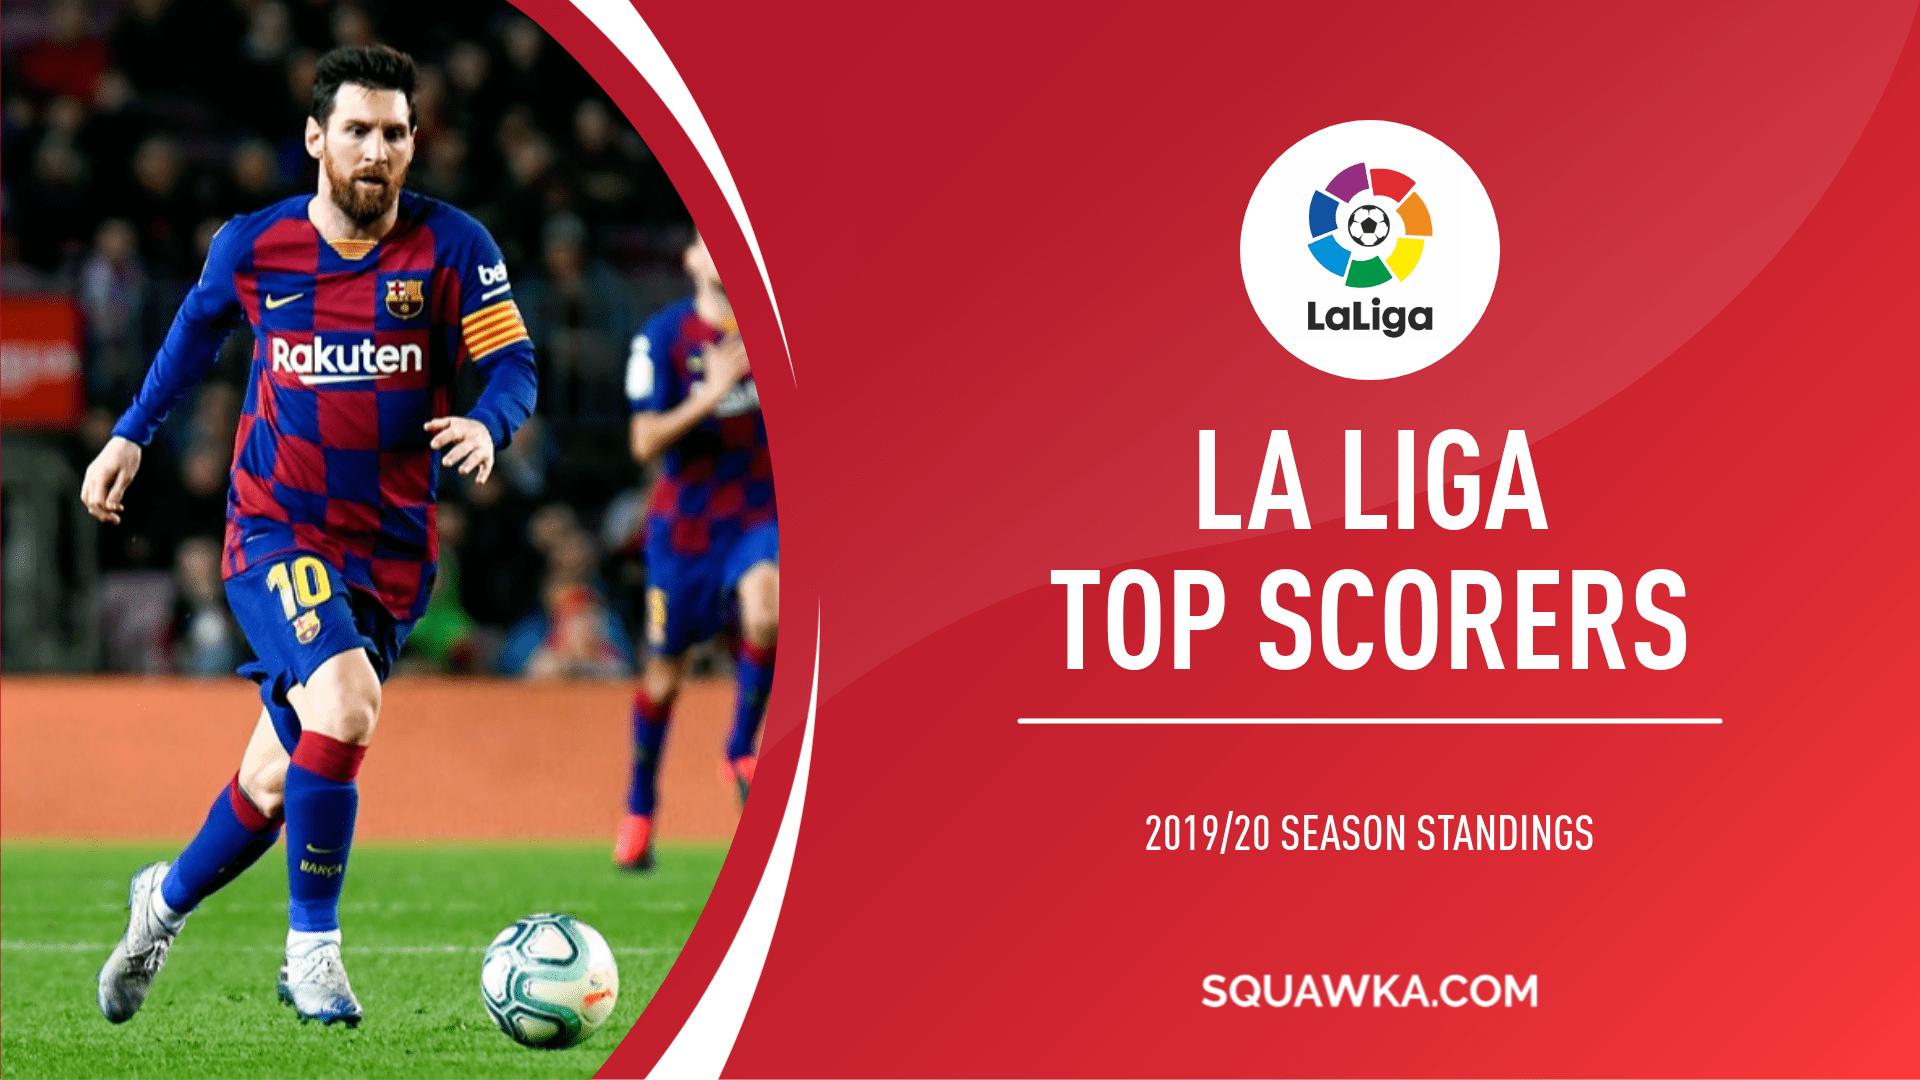 Giày bóng đá của 10 cầu thủ ghi nhiều bàn thắng nhất tại La Liga